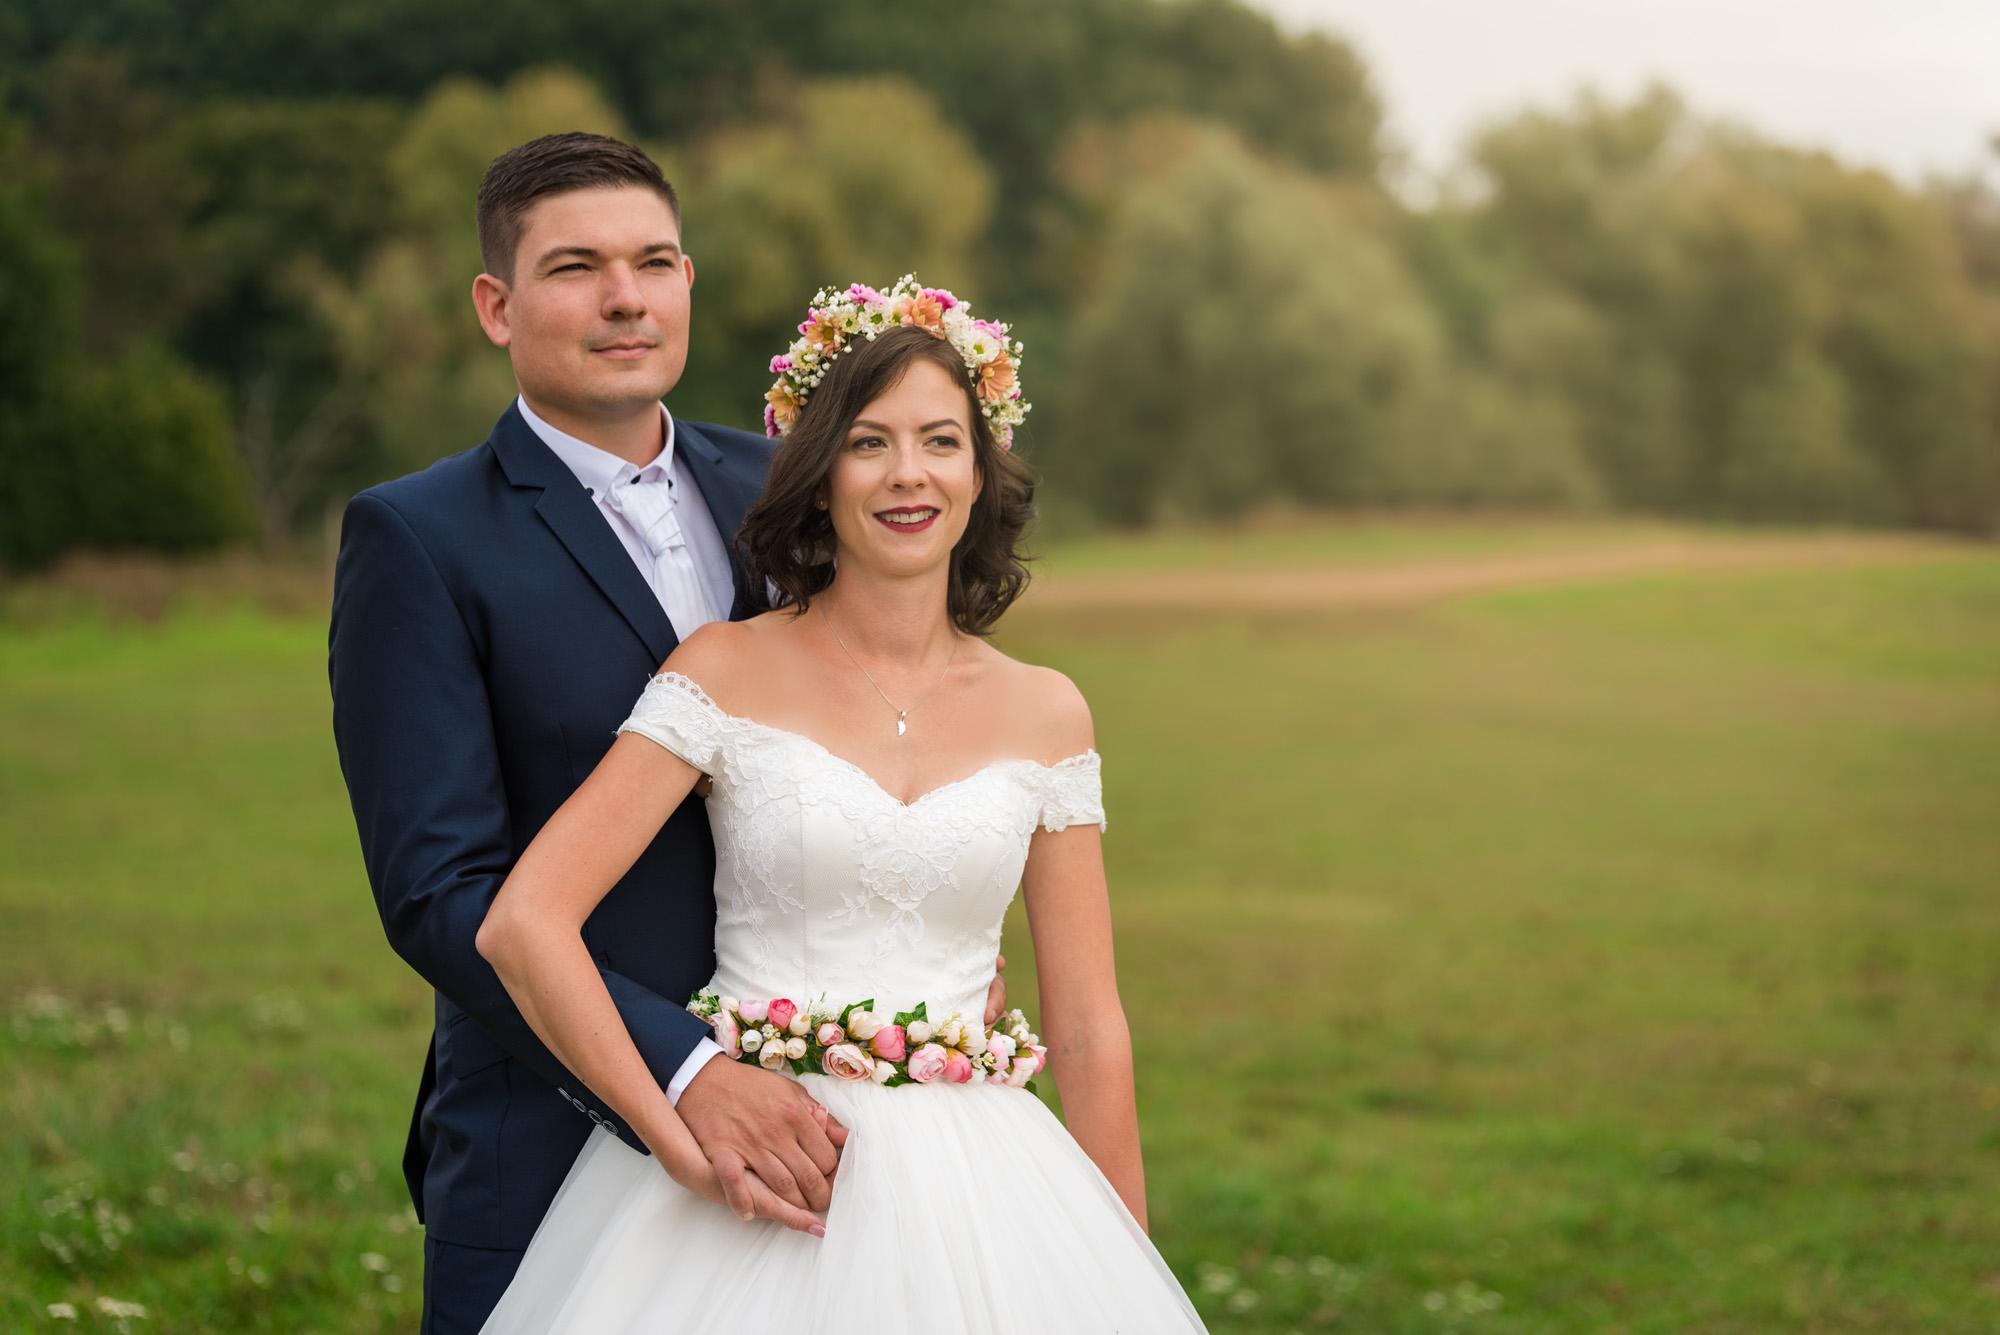 Egy Daalarna modell 10 tanácsa, hogy jól mutassatok az esküvői kreatív fotókon